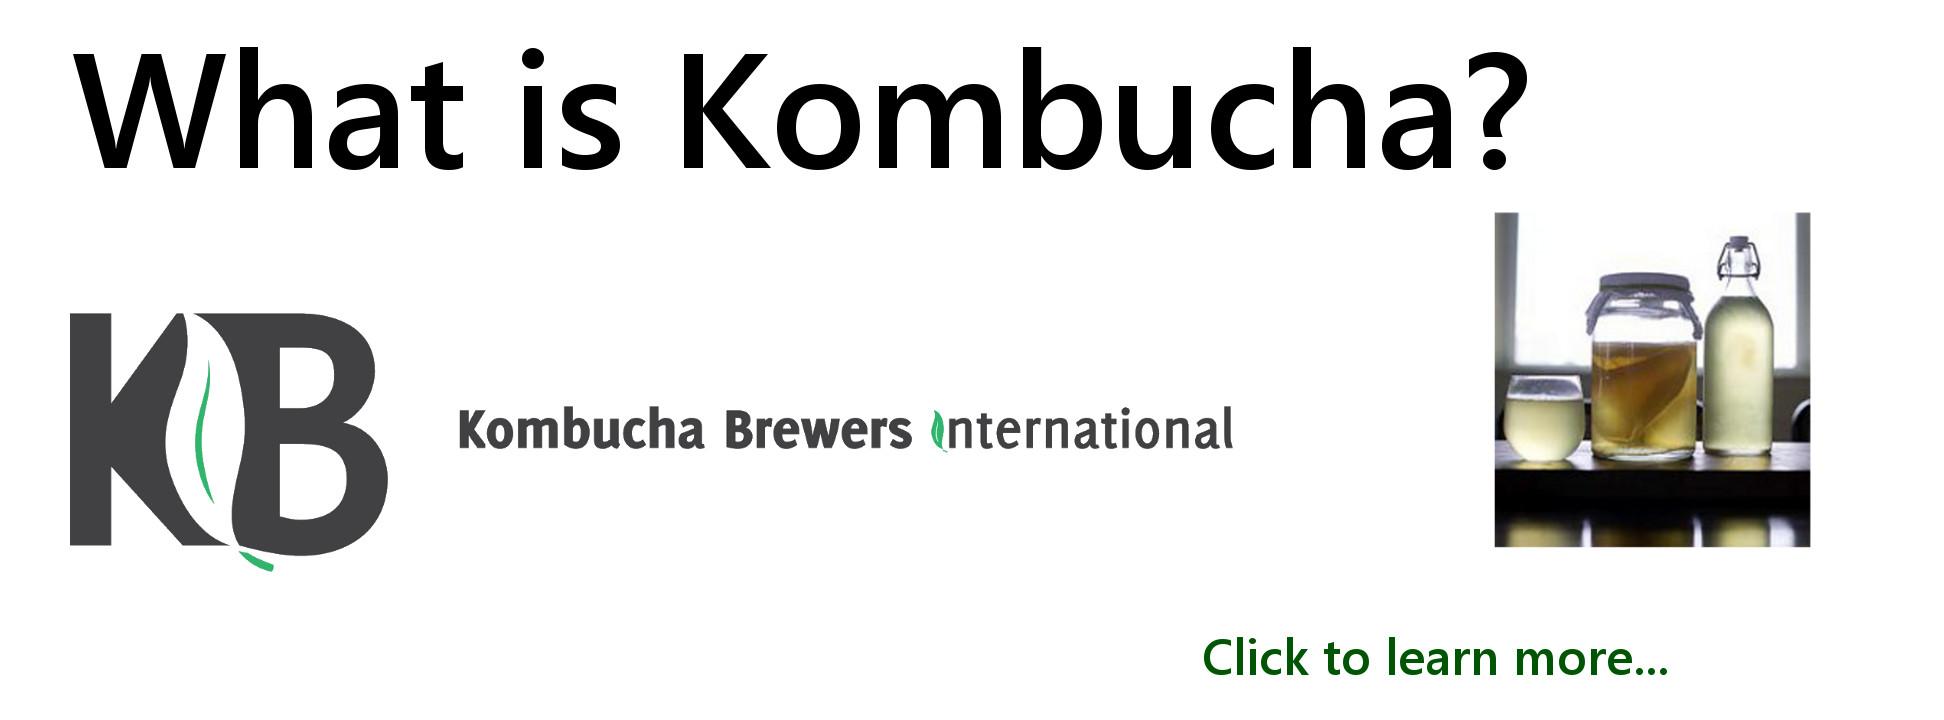 Whatiskombucha